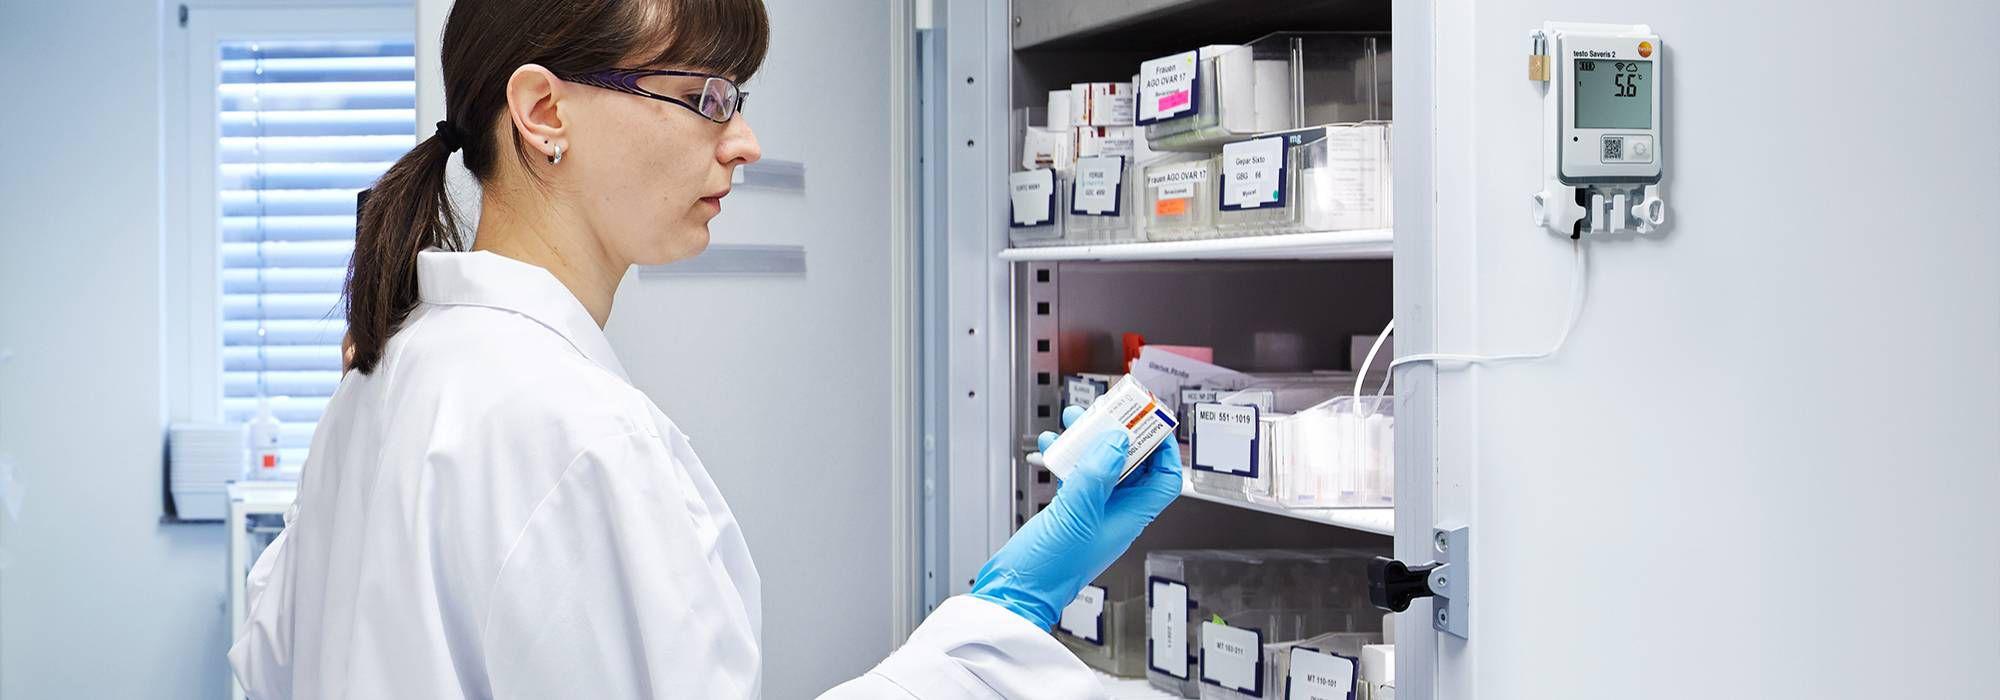 Testo-Pharma-Blog-URS-pt1-Header.jpg